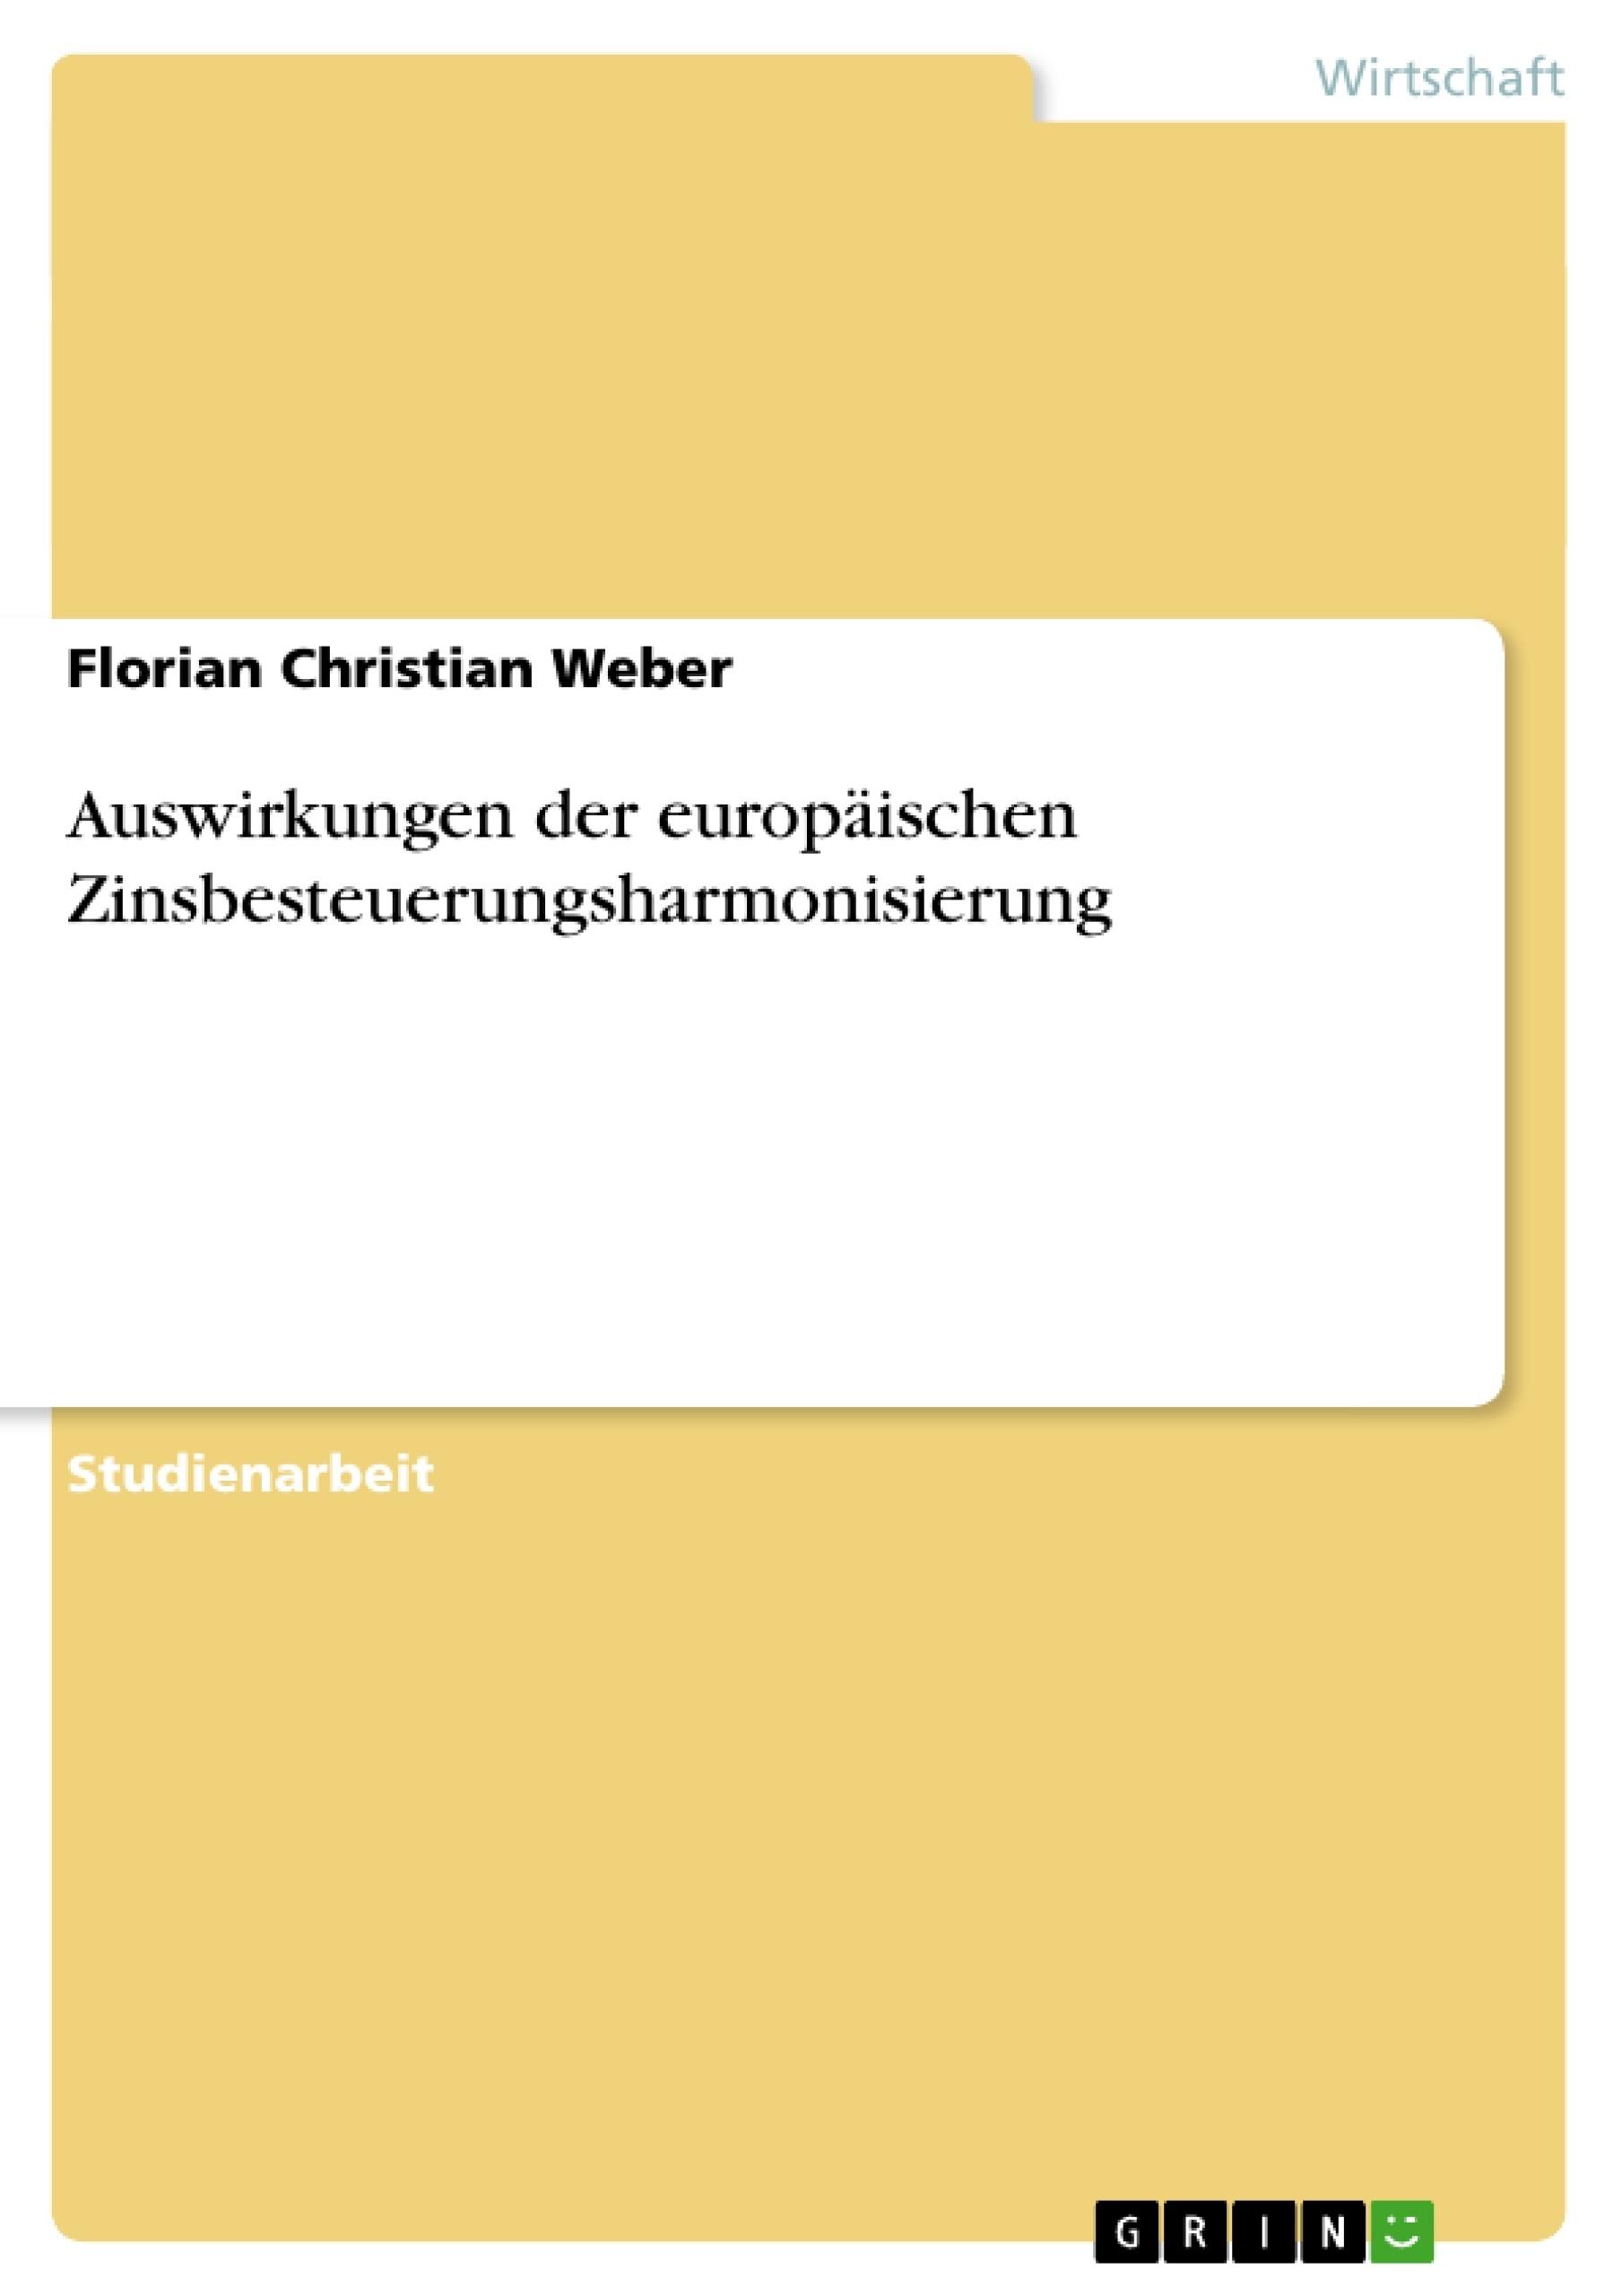 Titel: Auswirkungen der europäischen Zinsbesteuerungsharmonisierung